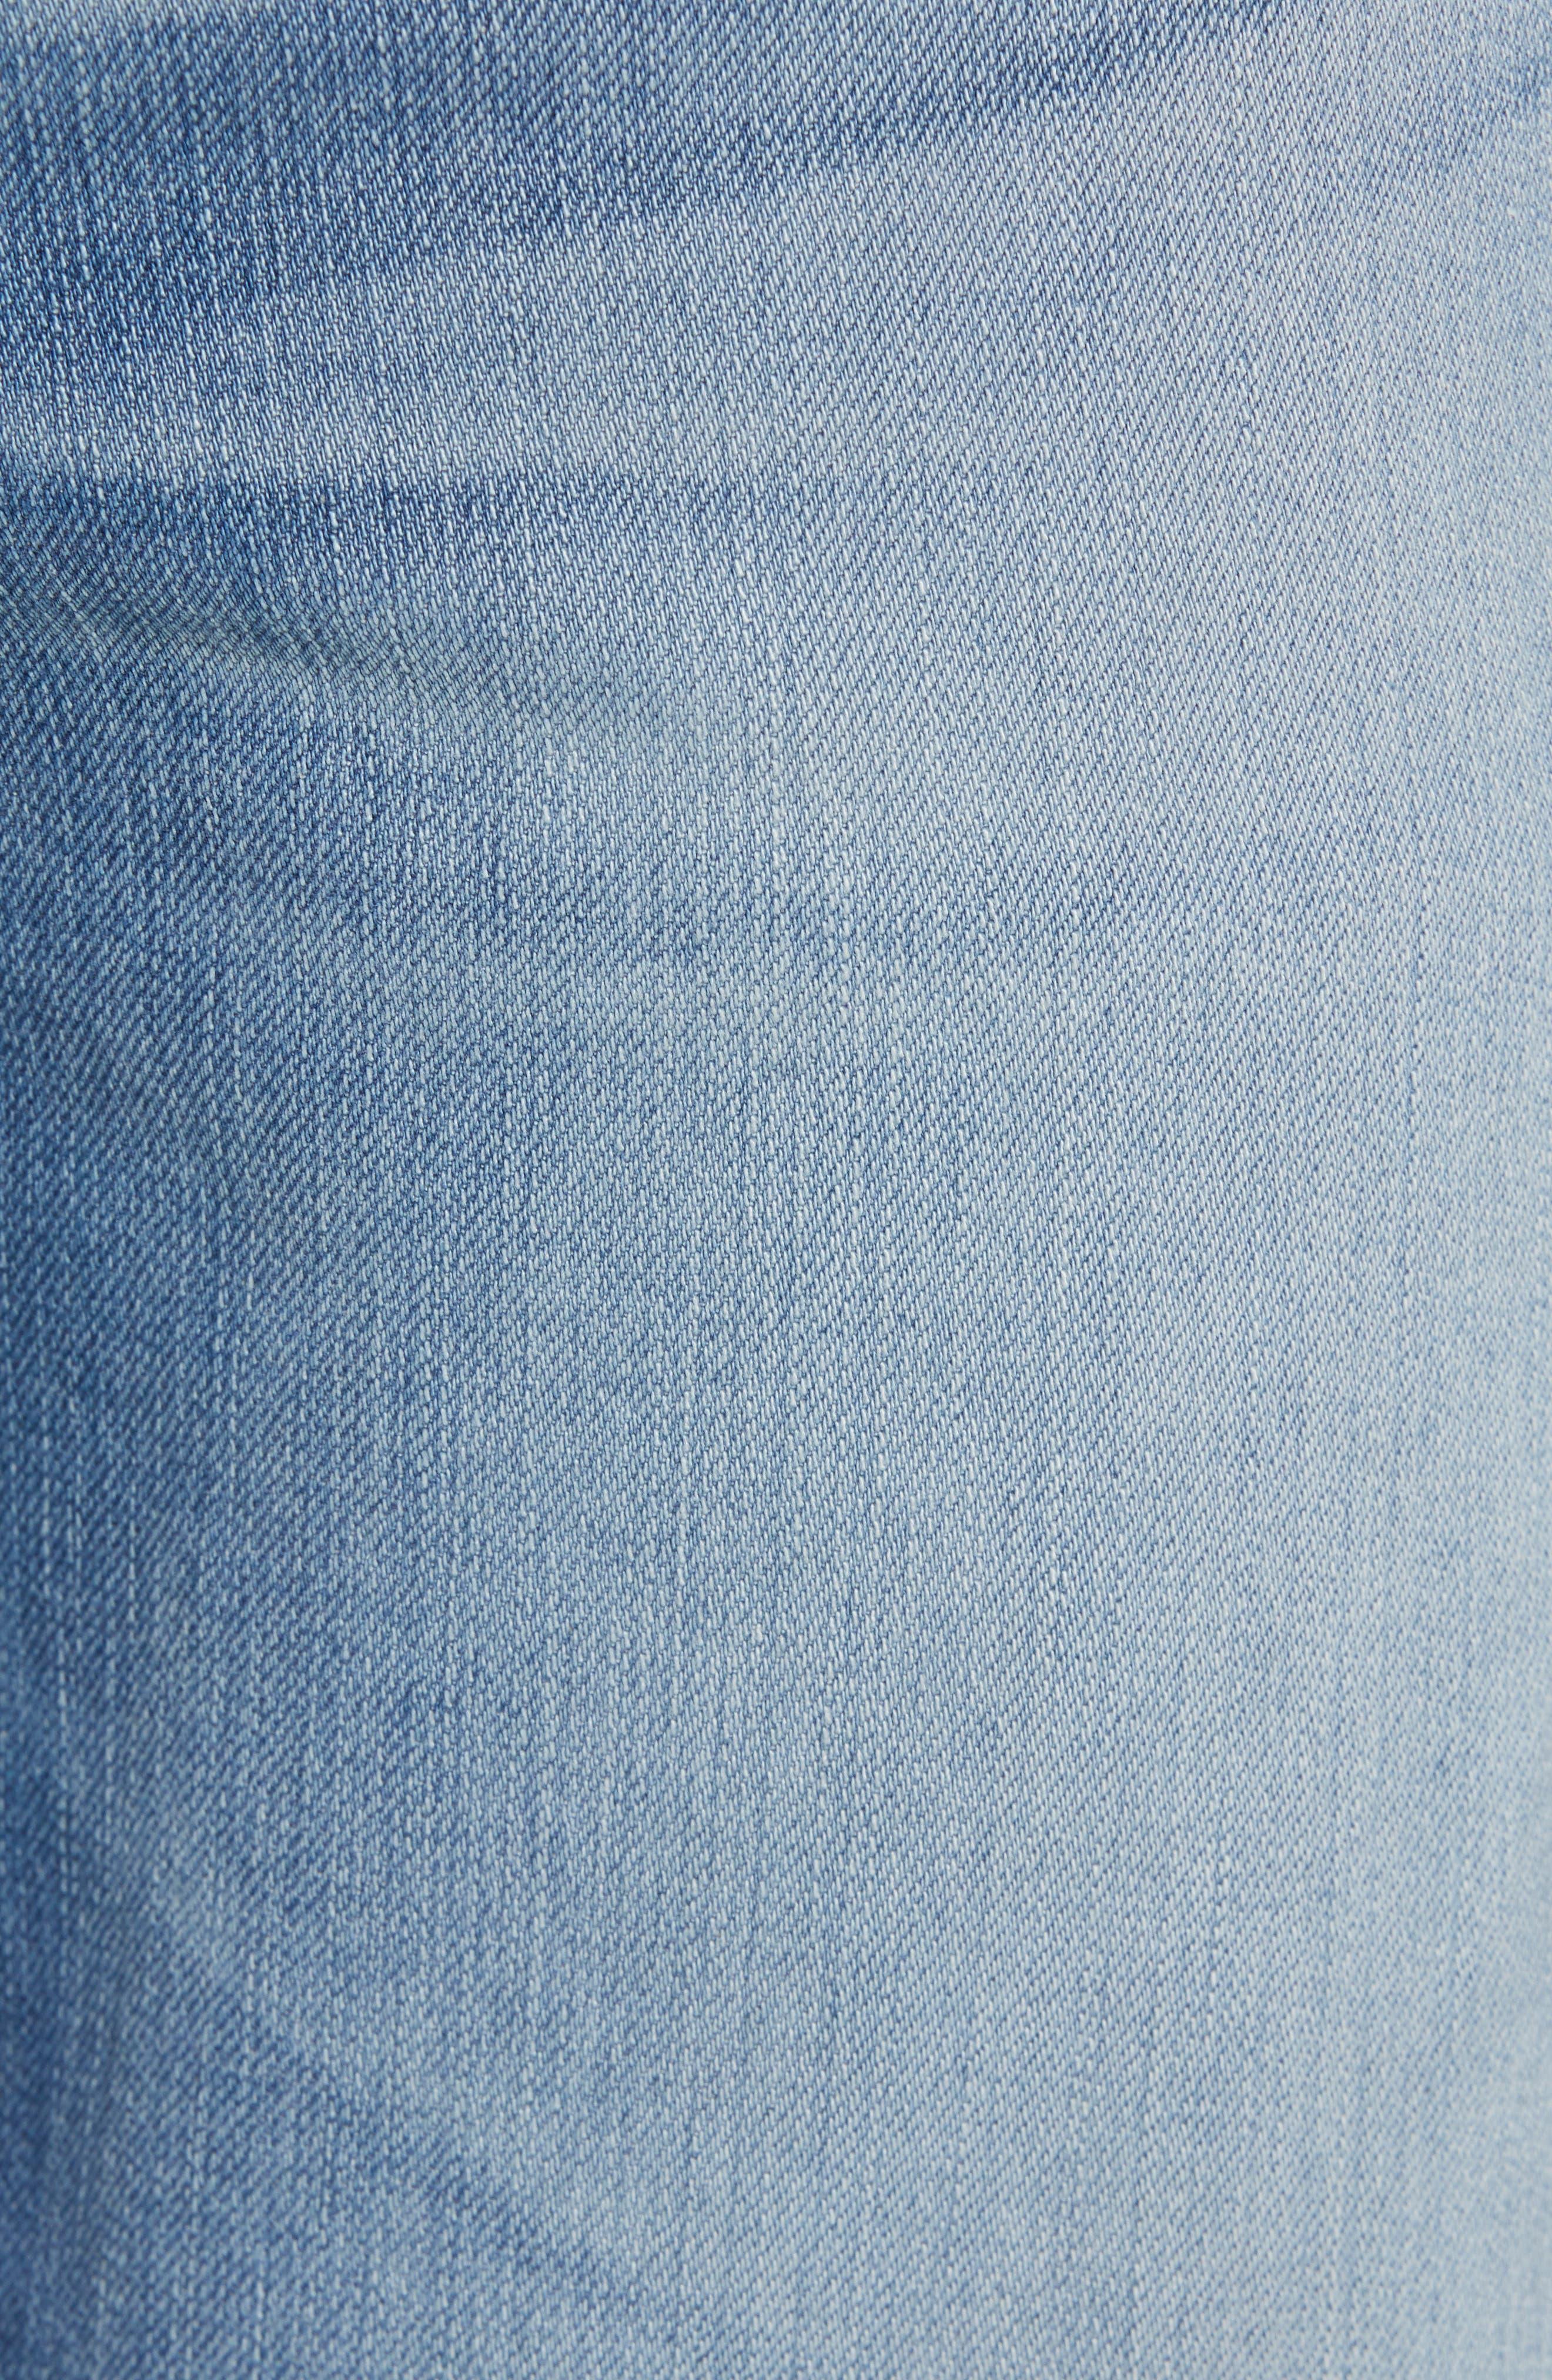 Everett Slim Straight Leg Jeans,                             Alternate thumbnail 5, color,                             487